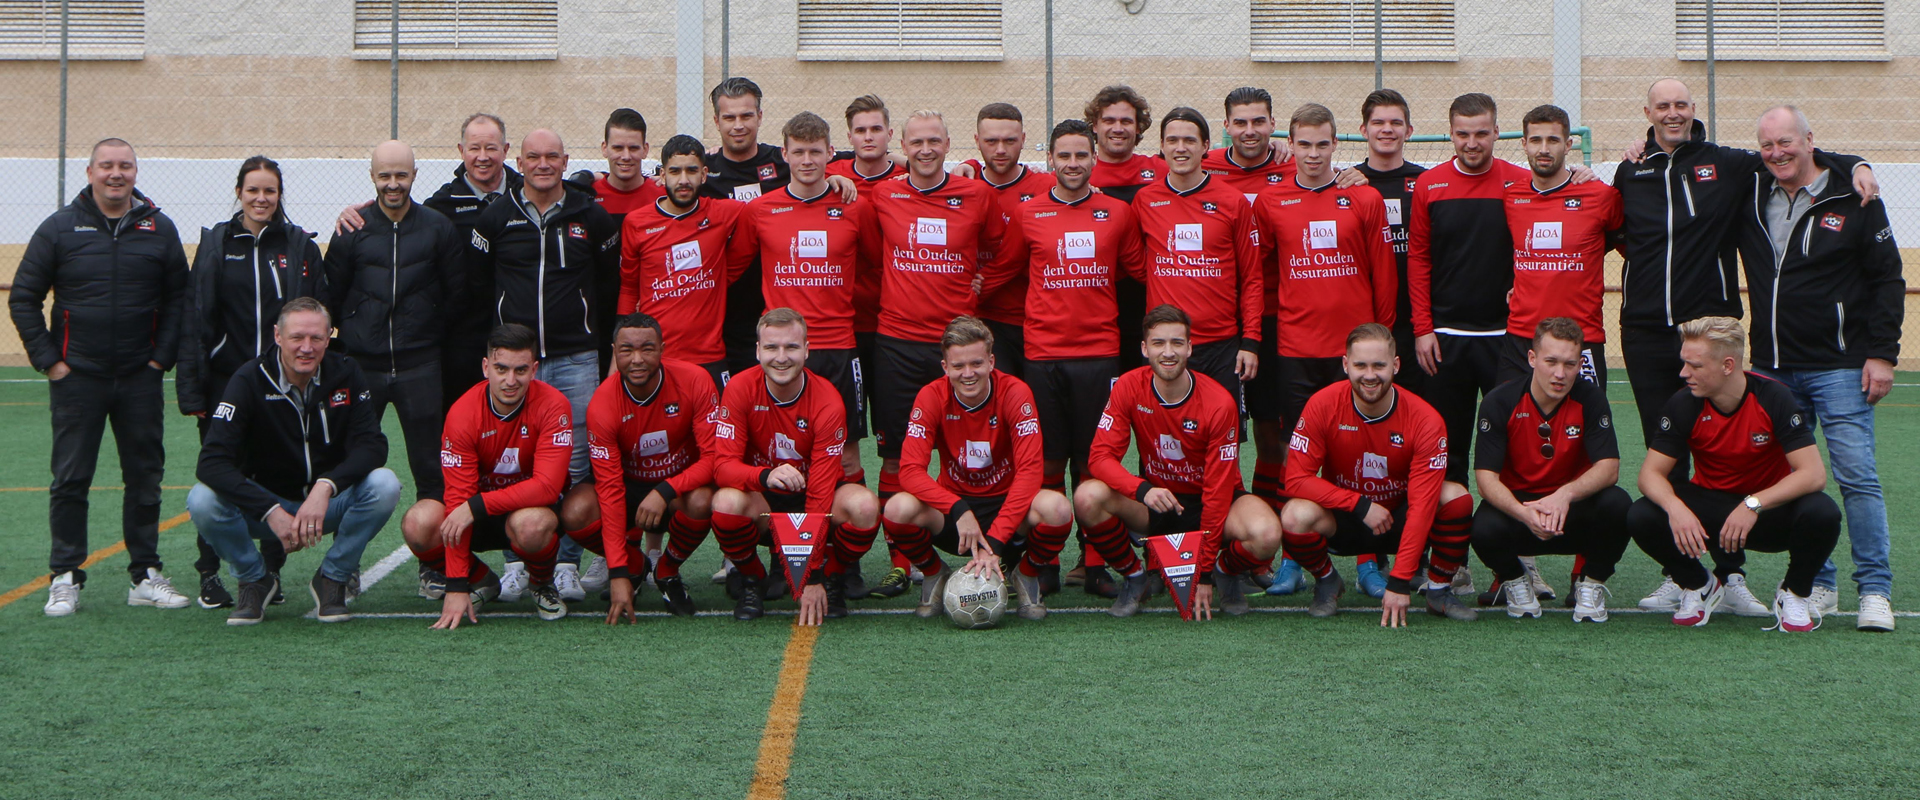 Permalink to: 18-01-2020: Trainingskamp Marbella: Nieuwerkerk – vv De Weide (5-0) en vv Raptin (0-0) door Jolanda van het Kaar